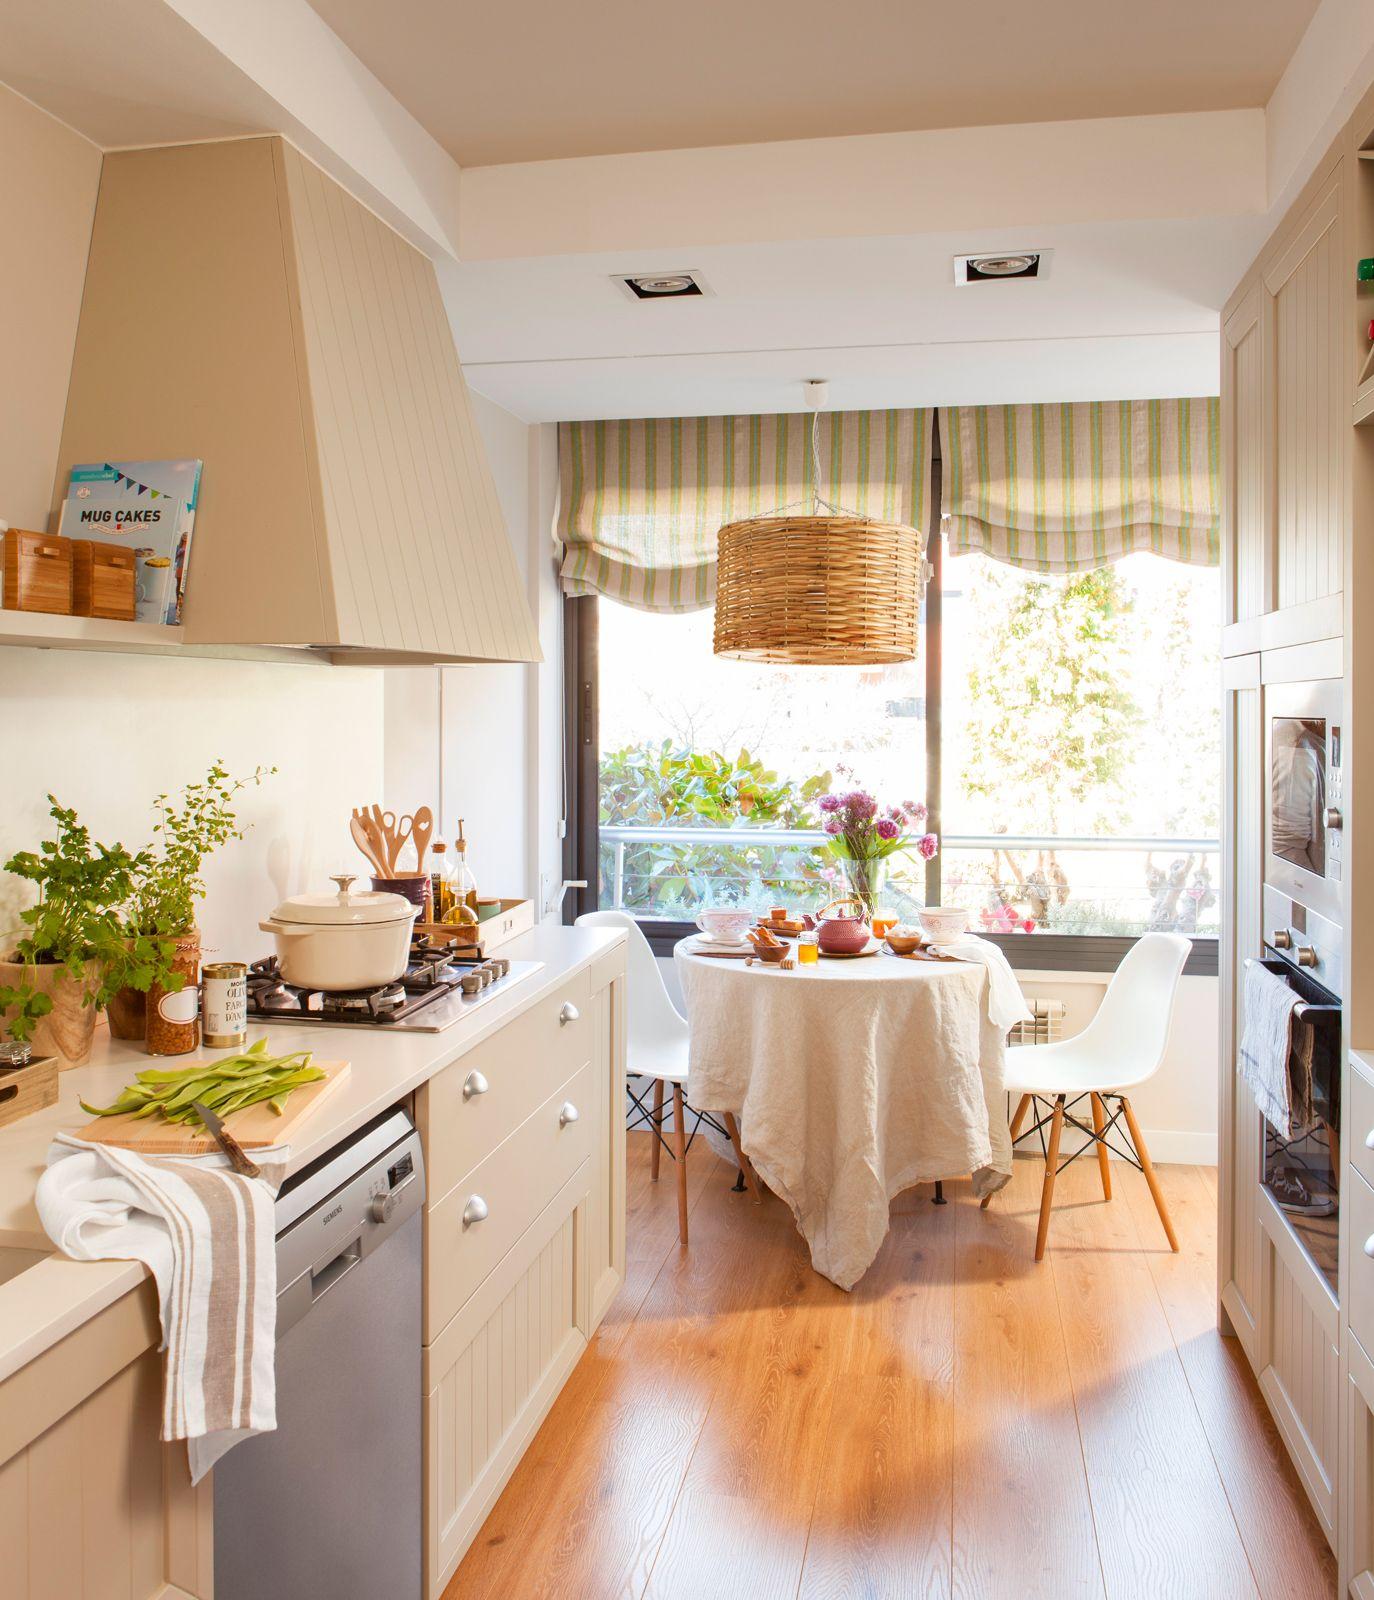 Cocina peque a con muebles panelados en madera office con for Cocinas de madera pequenas